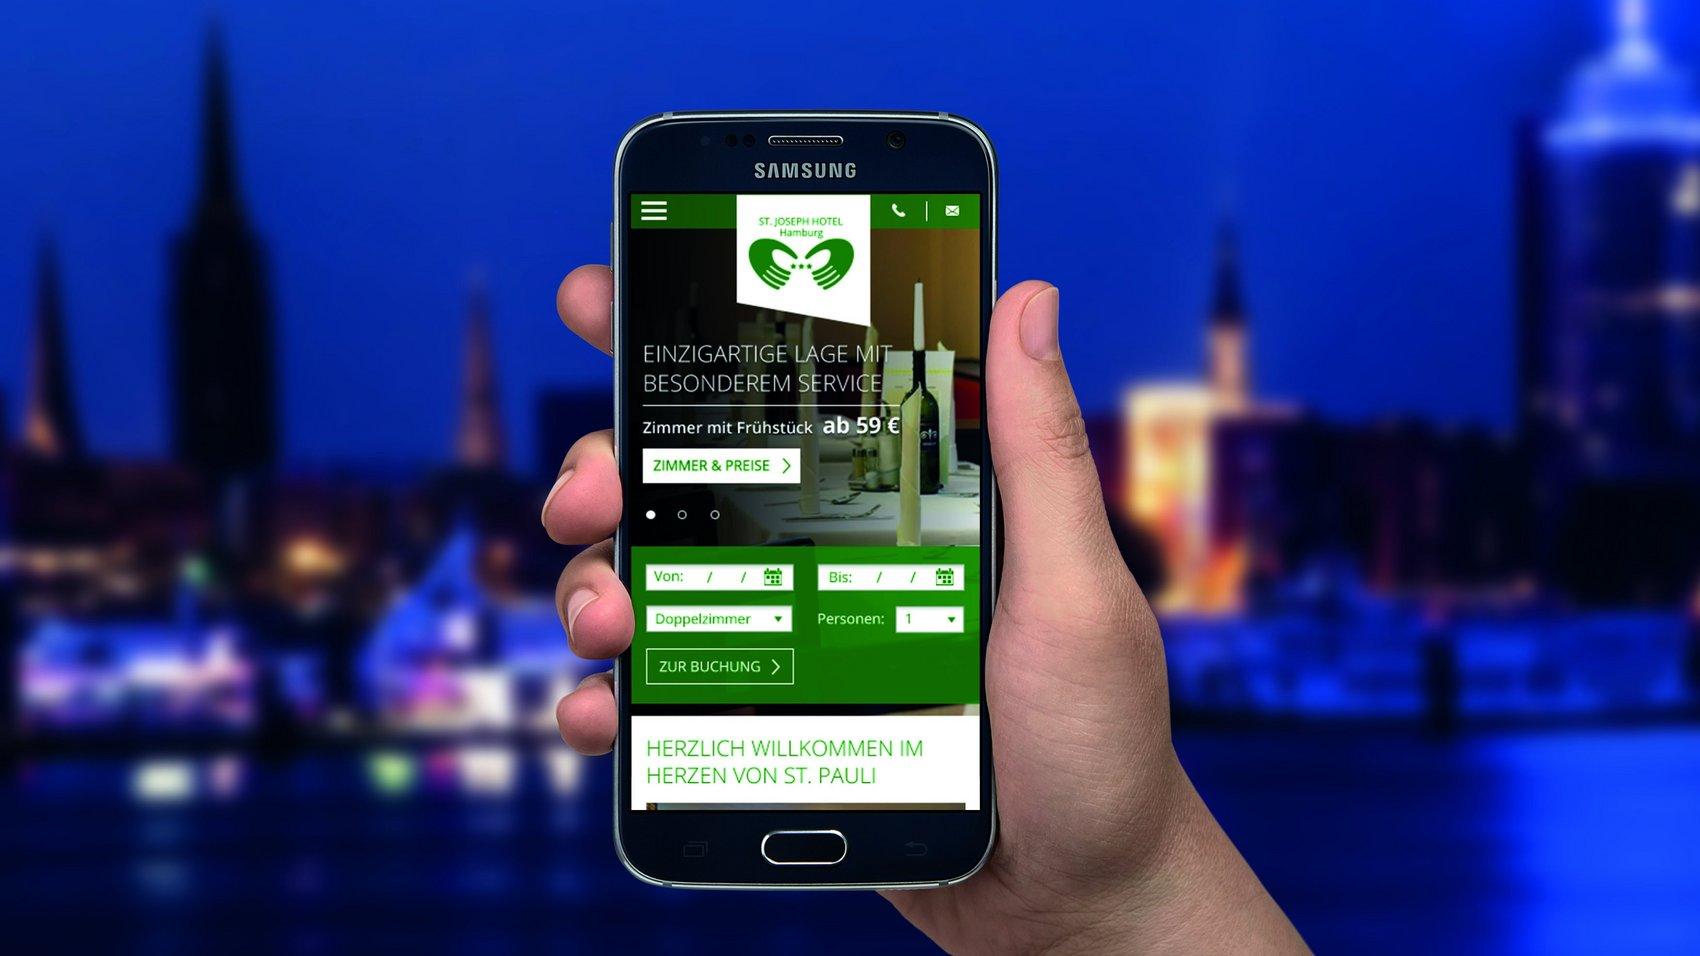 St. Joseph Hotel Web-Relaunch – Buchen ohne langes Suchen!